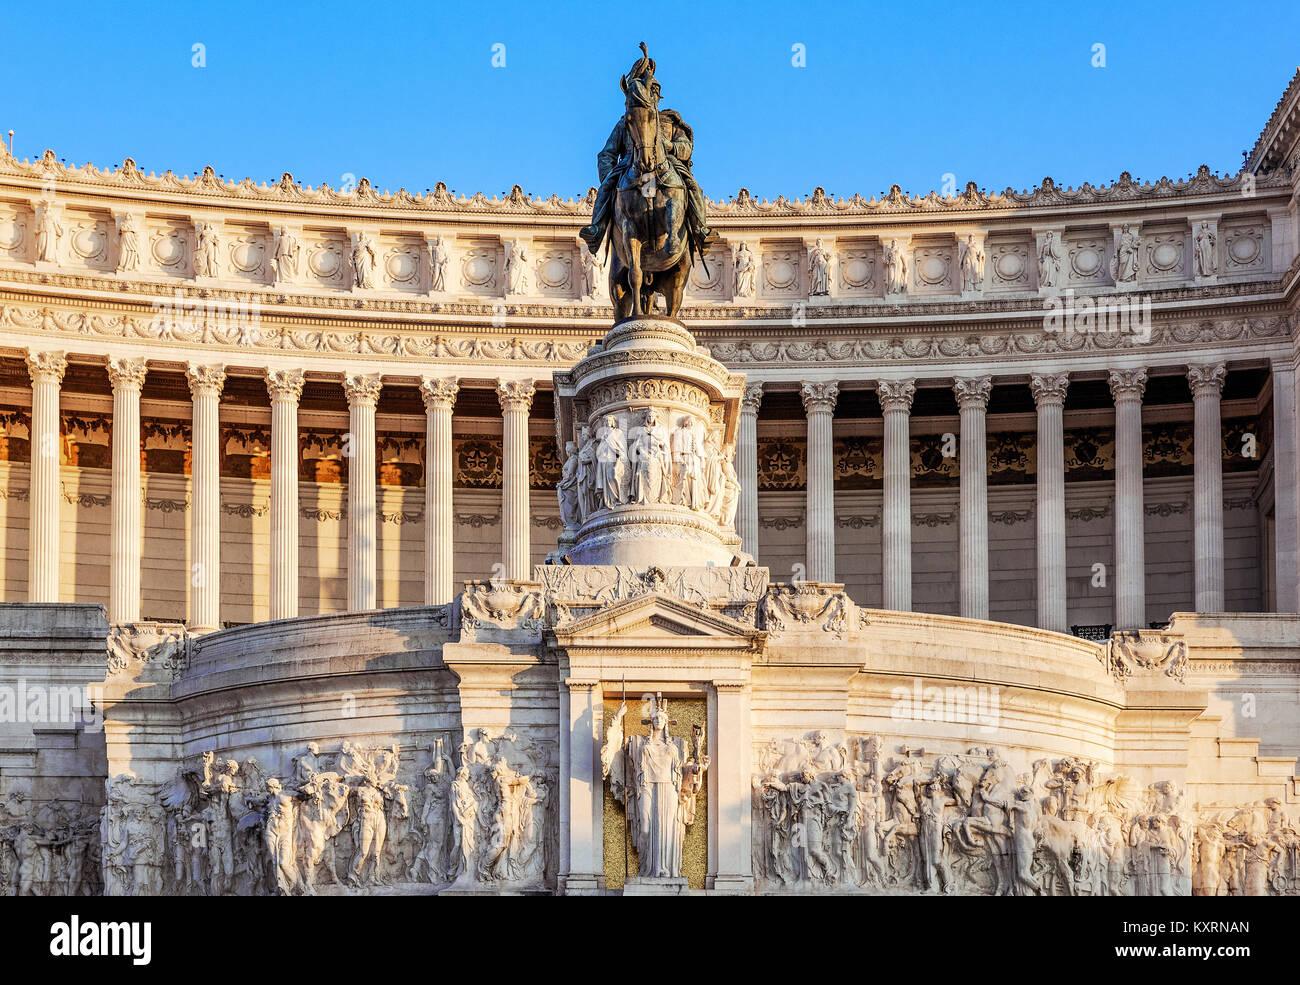 Monumento a Vittorio Emanuele II, Via del Teatro di Marcello, Roma, Italia. Immagini Stock